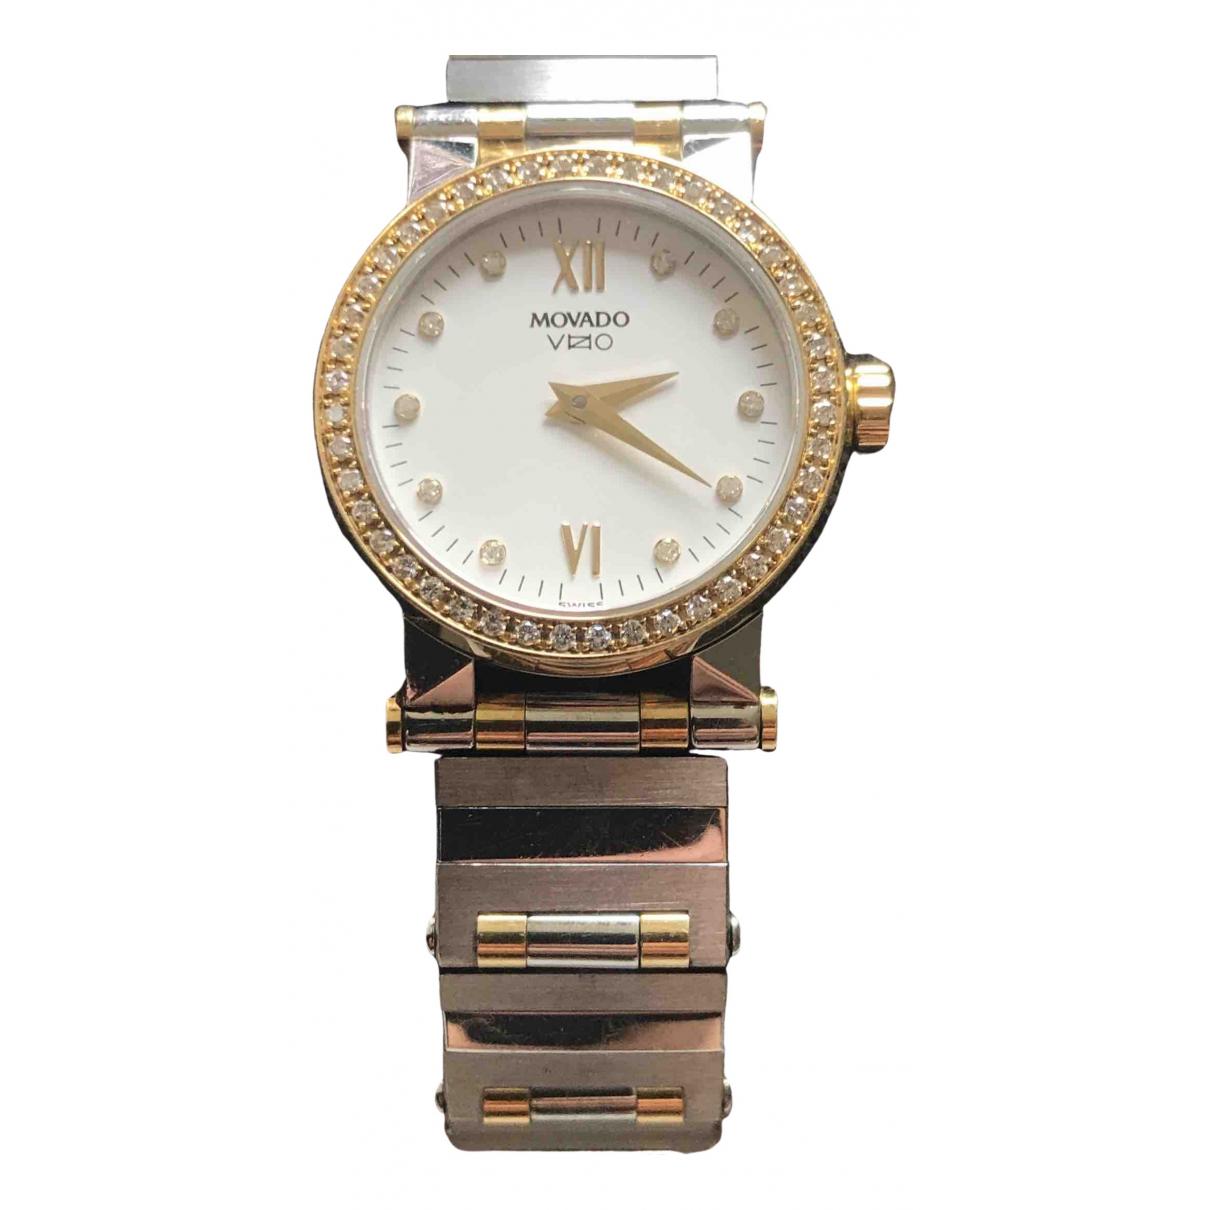 Movado \N Uhr in Gold und Stahl